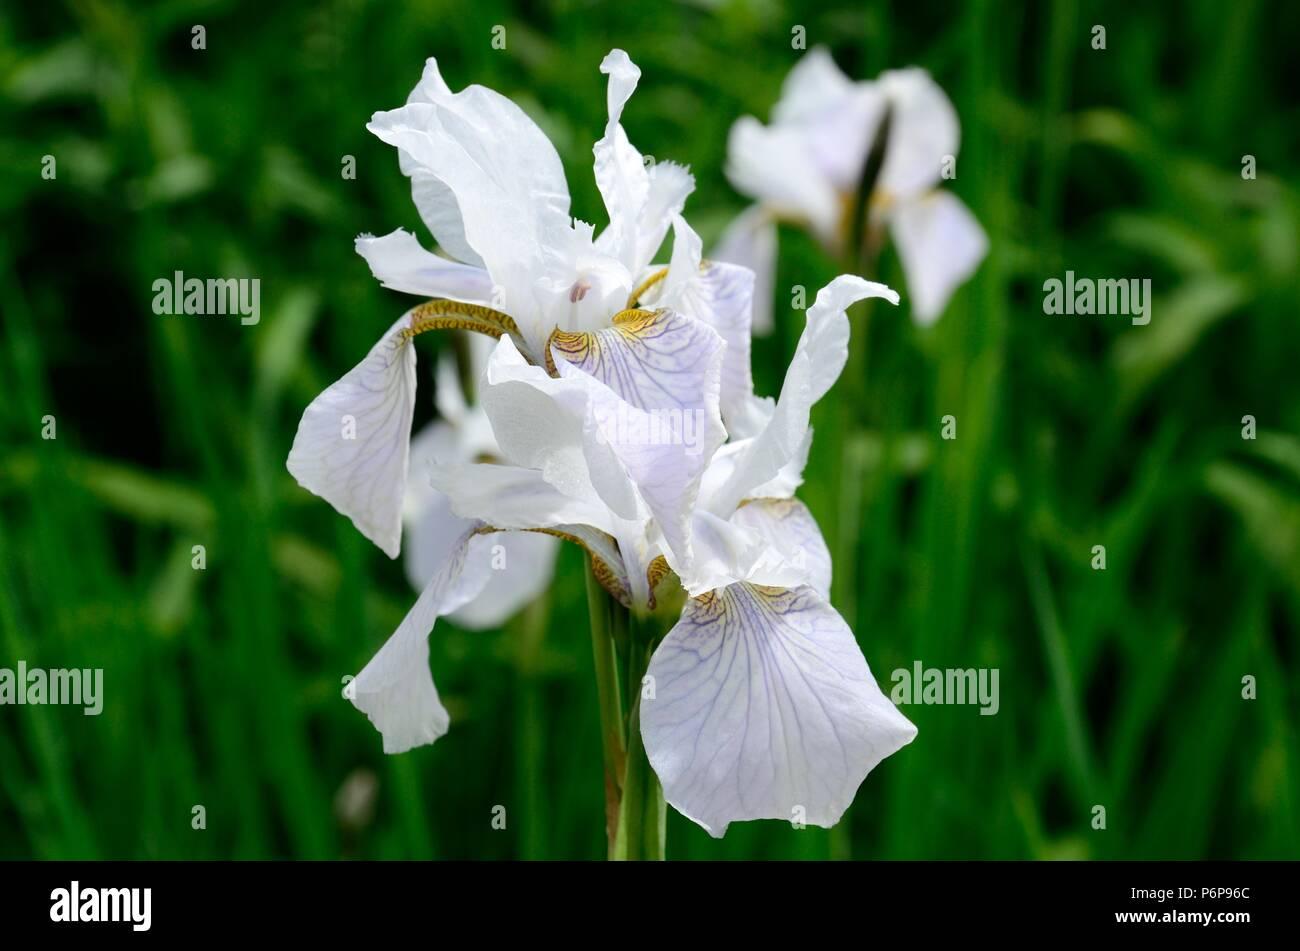 White Siberian Iris Flower Stock Photos White Siberian Iris Flower